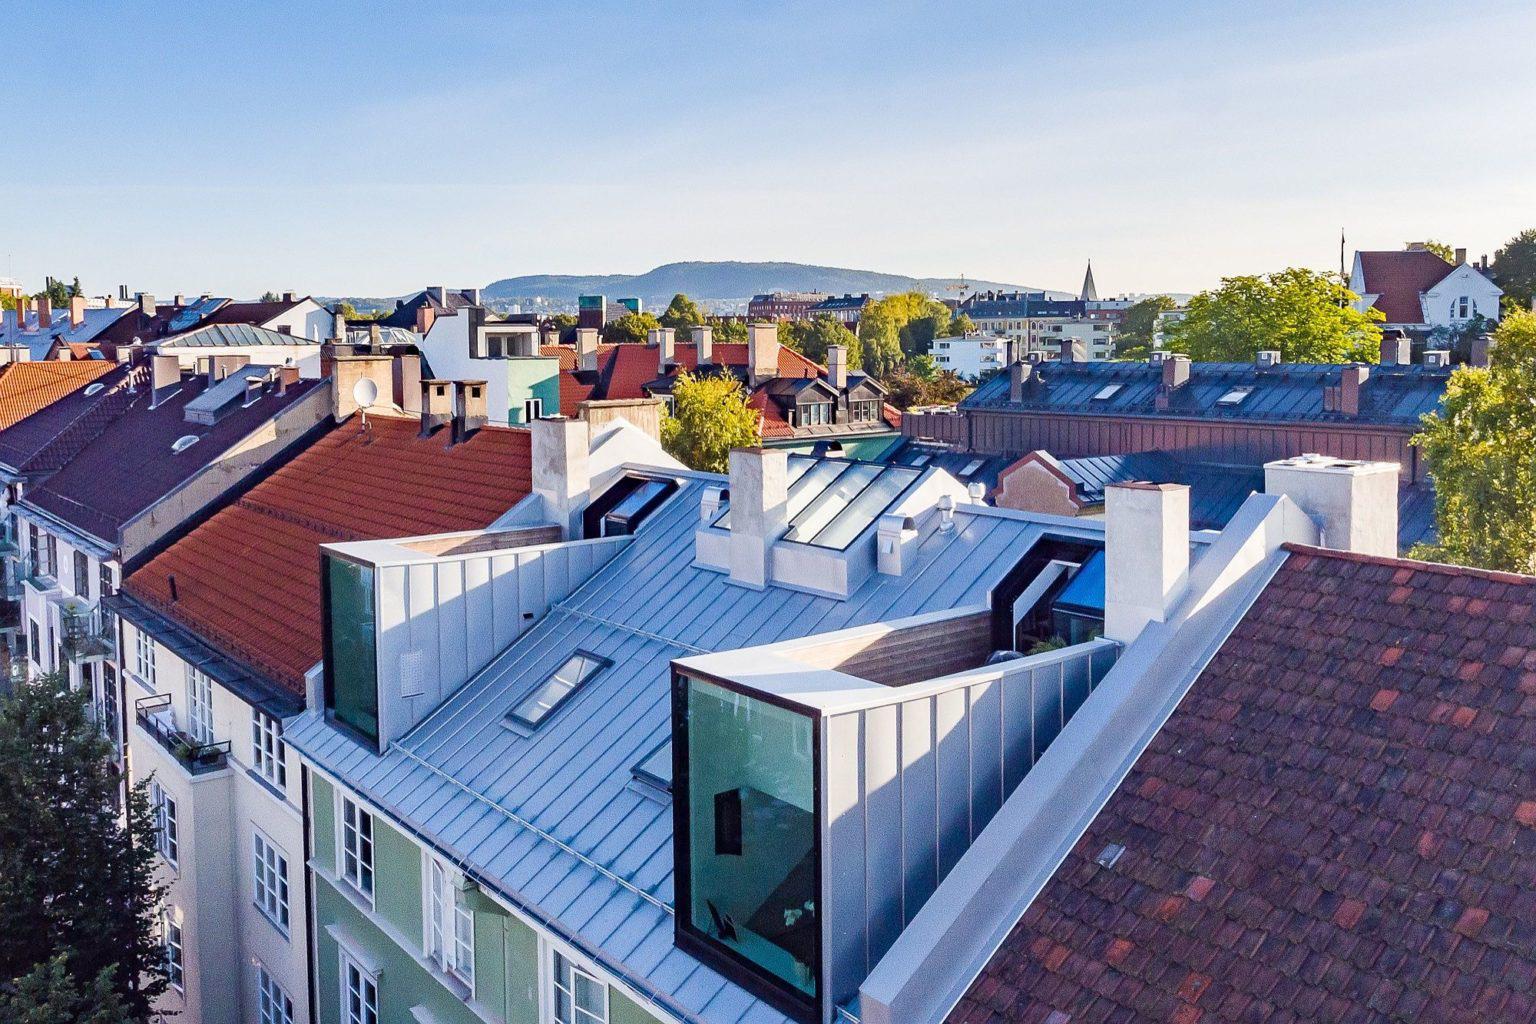 Biến hó gác xép cũ ở thành phố Oslo thành căn hộ hiện đại, xinh xắn mới thấy bạn đã phải chết mê - Ảnh 4.